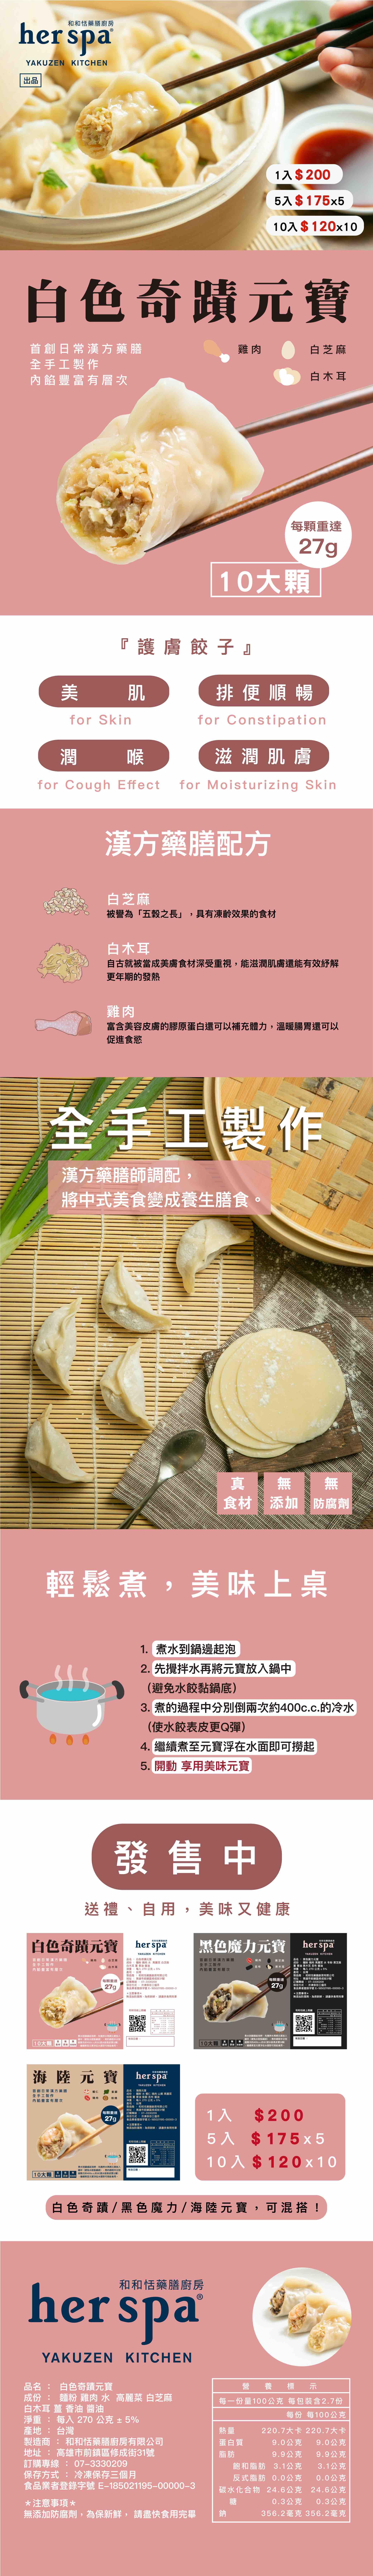 水餃餡 水餃熱量 冷凍水餃 元寶 水餃